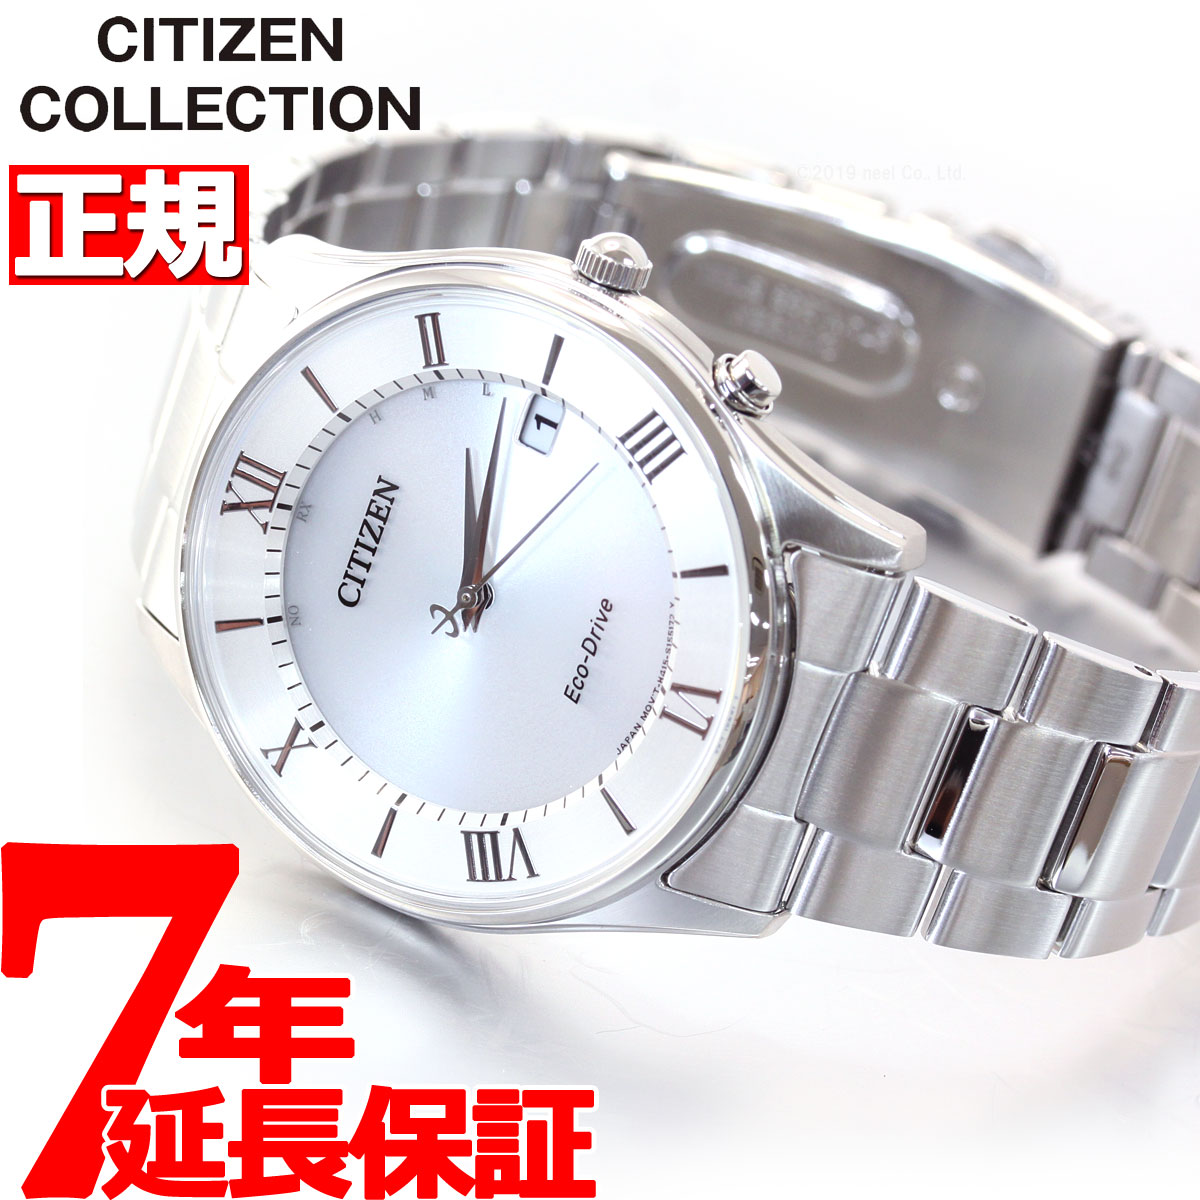 シチズンコレクション CITIZEN COLLECTION エコドライブ ソーラー 電波時計 腕時計 メンズ AS1060-54A